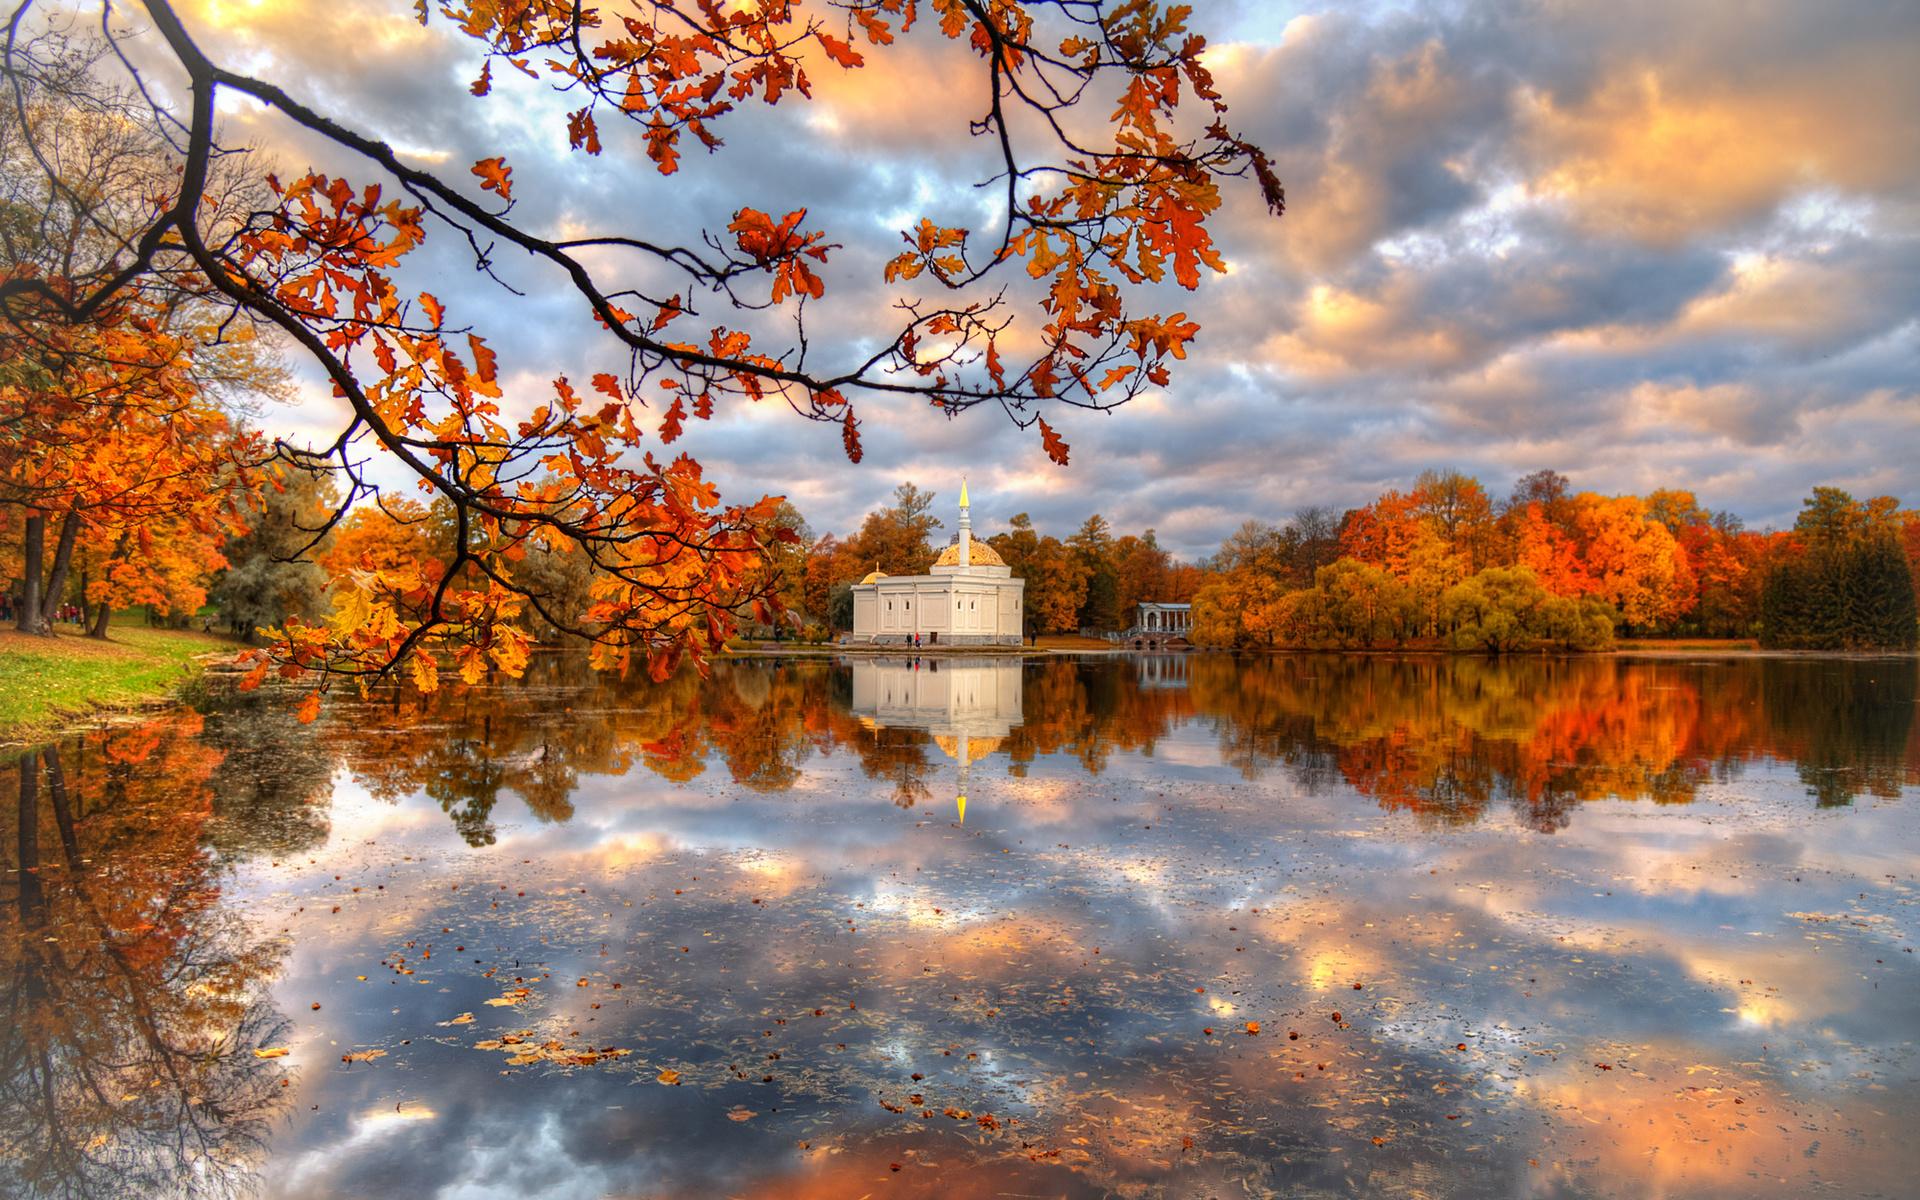 поздравляем эдуард гордеев фото осень в царском селе девушка пытается попасть